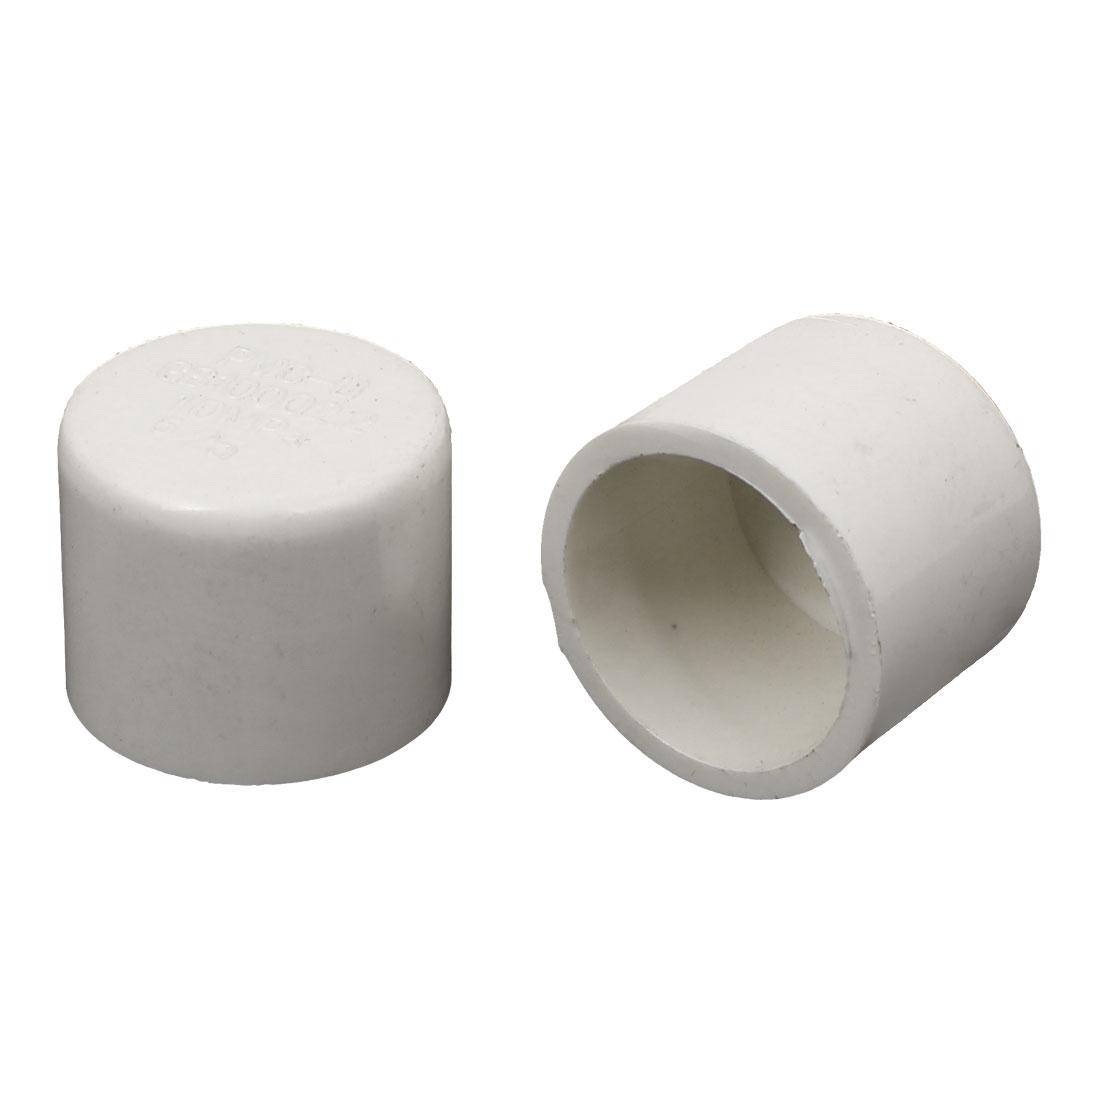 25mm Inner Dia White PVC Hose Tube End Fitting Adapter Caps 2 Pcs